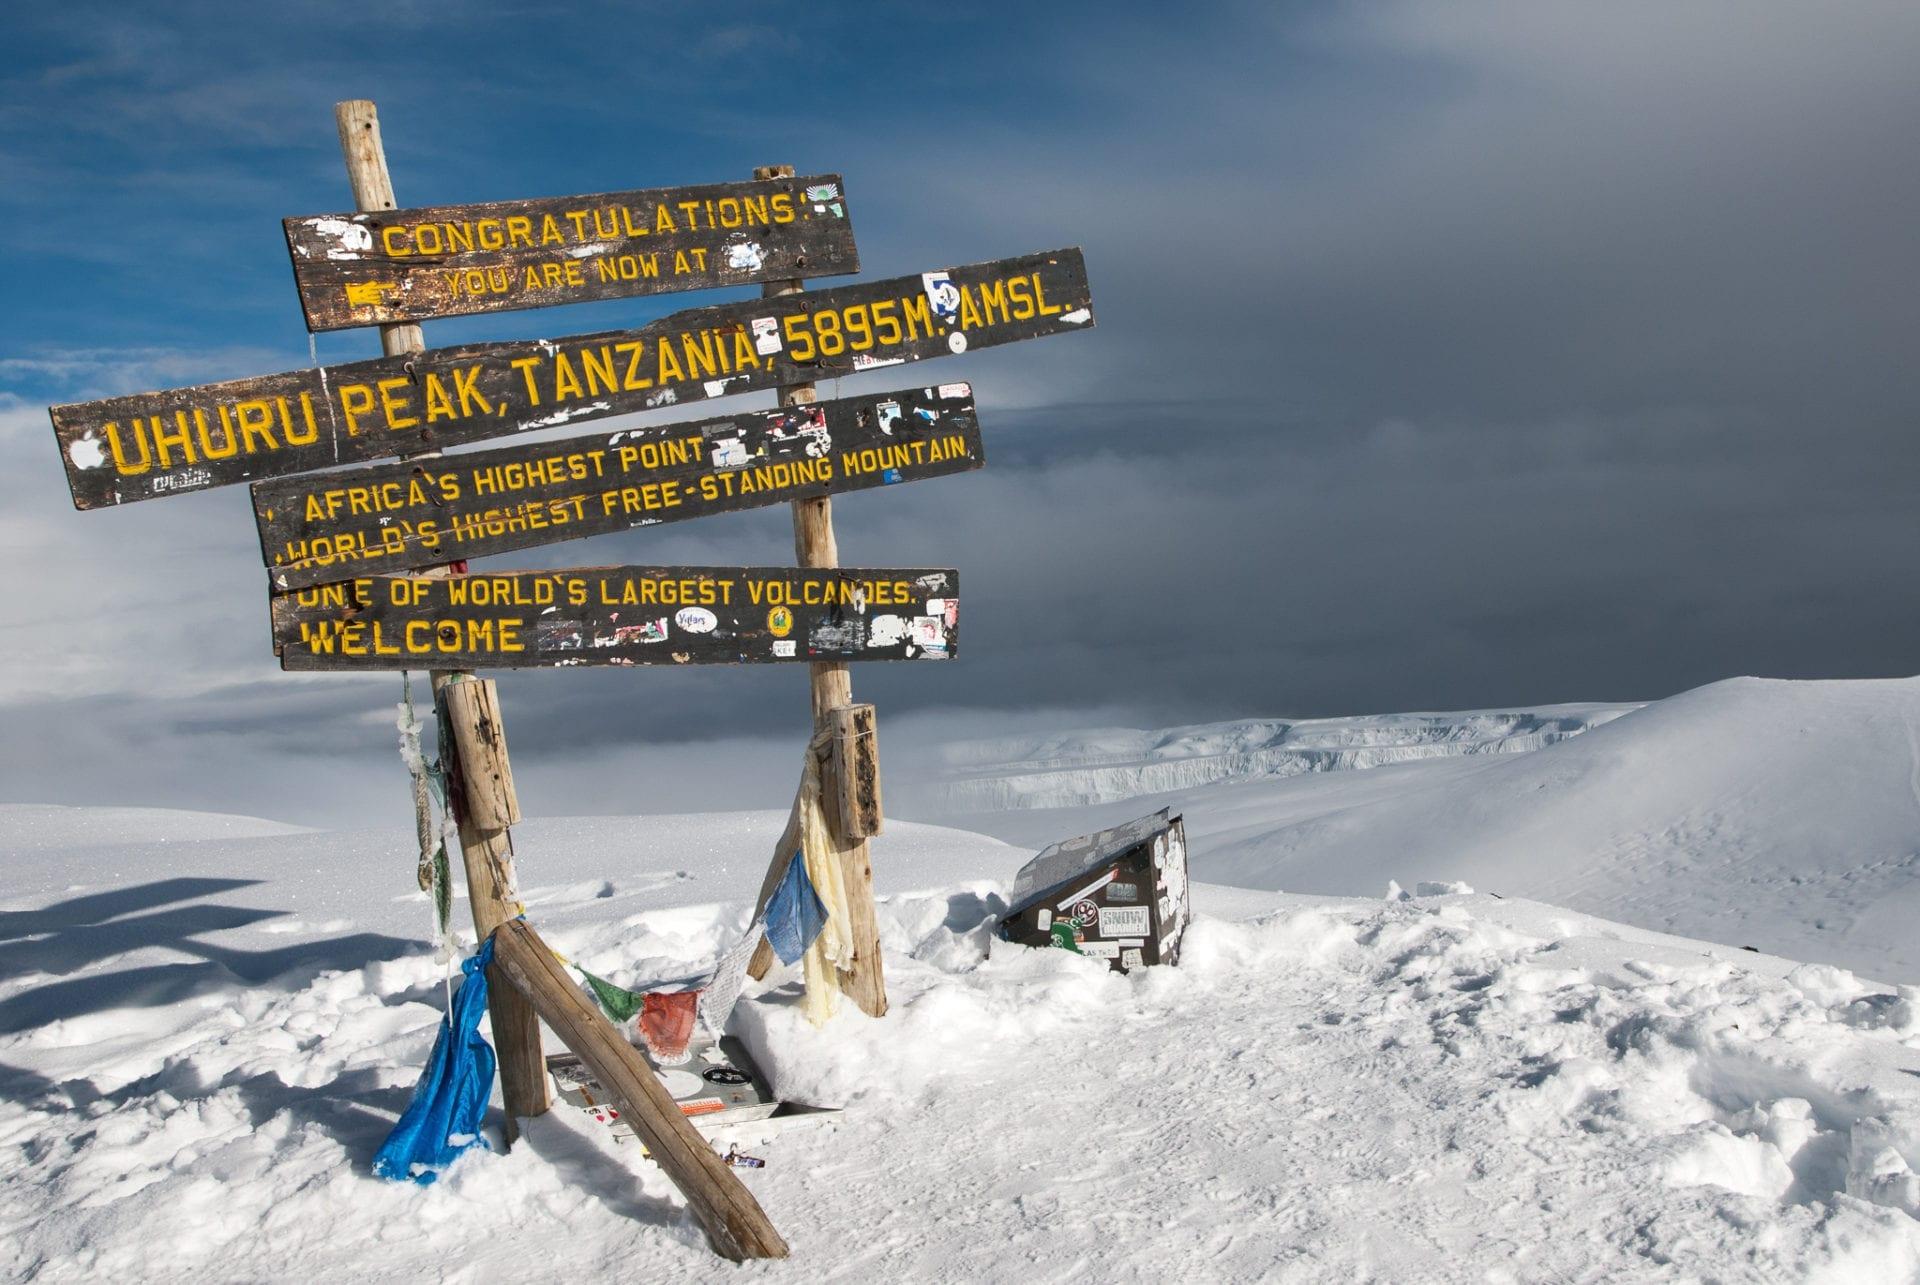 Skylten på toppen av Kilimanjaro gratulerar bergsbestigaren till att ha nått Afrikas högsta punkt. I bakgrunden syns molntäcket och mängder med snö